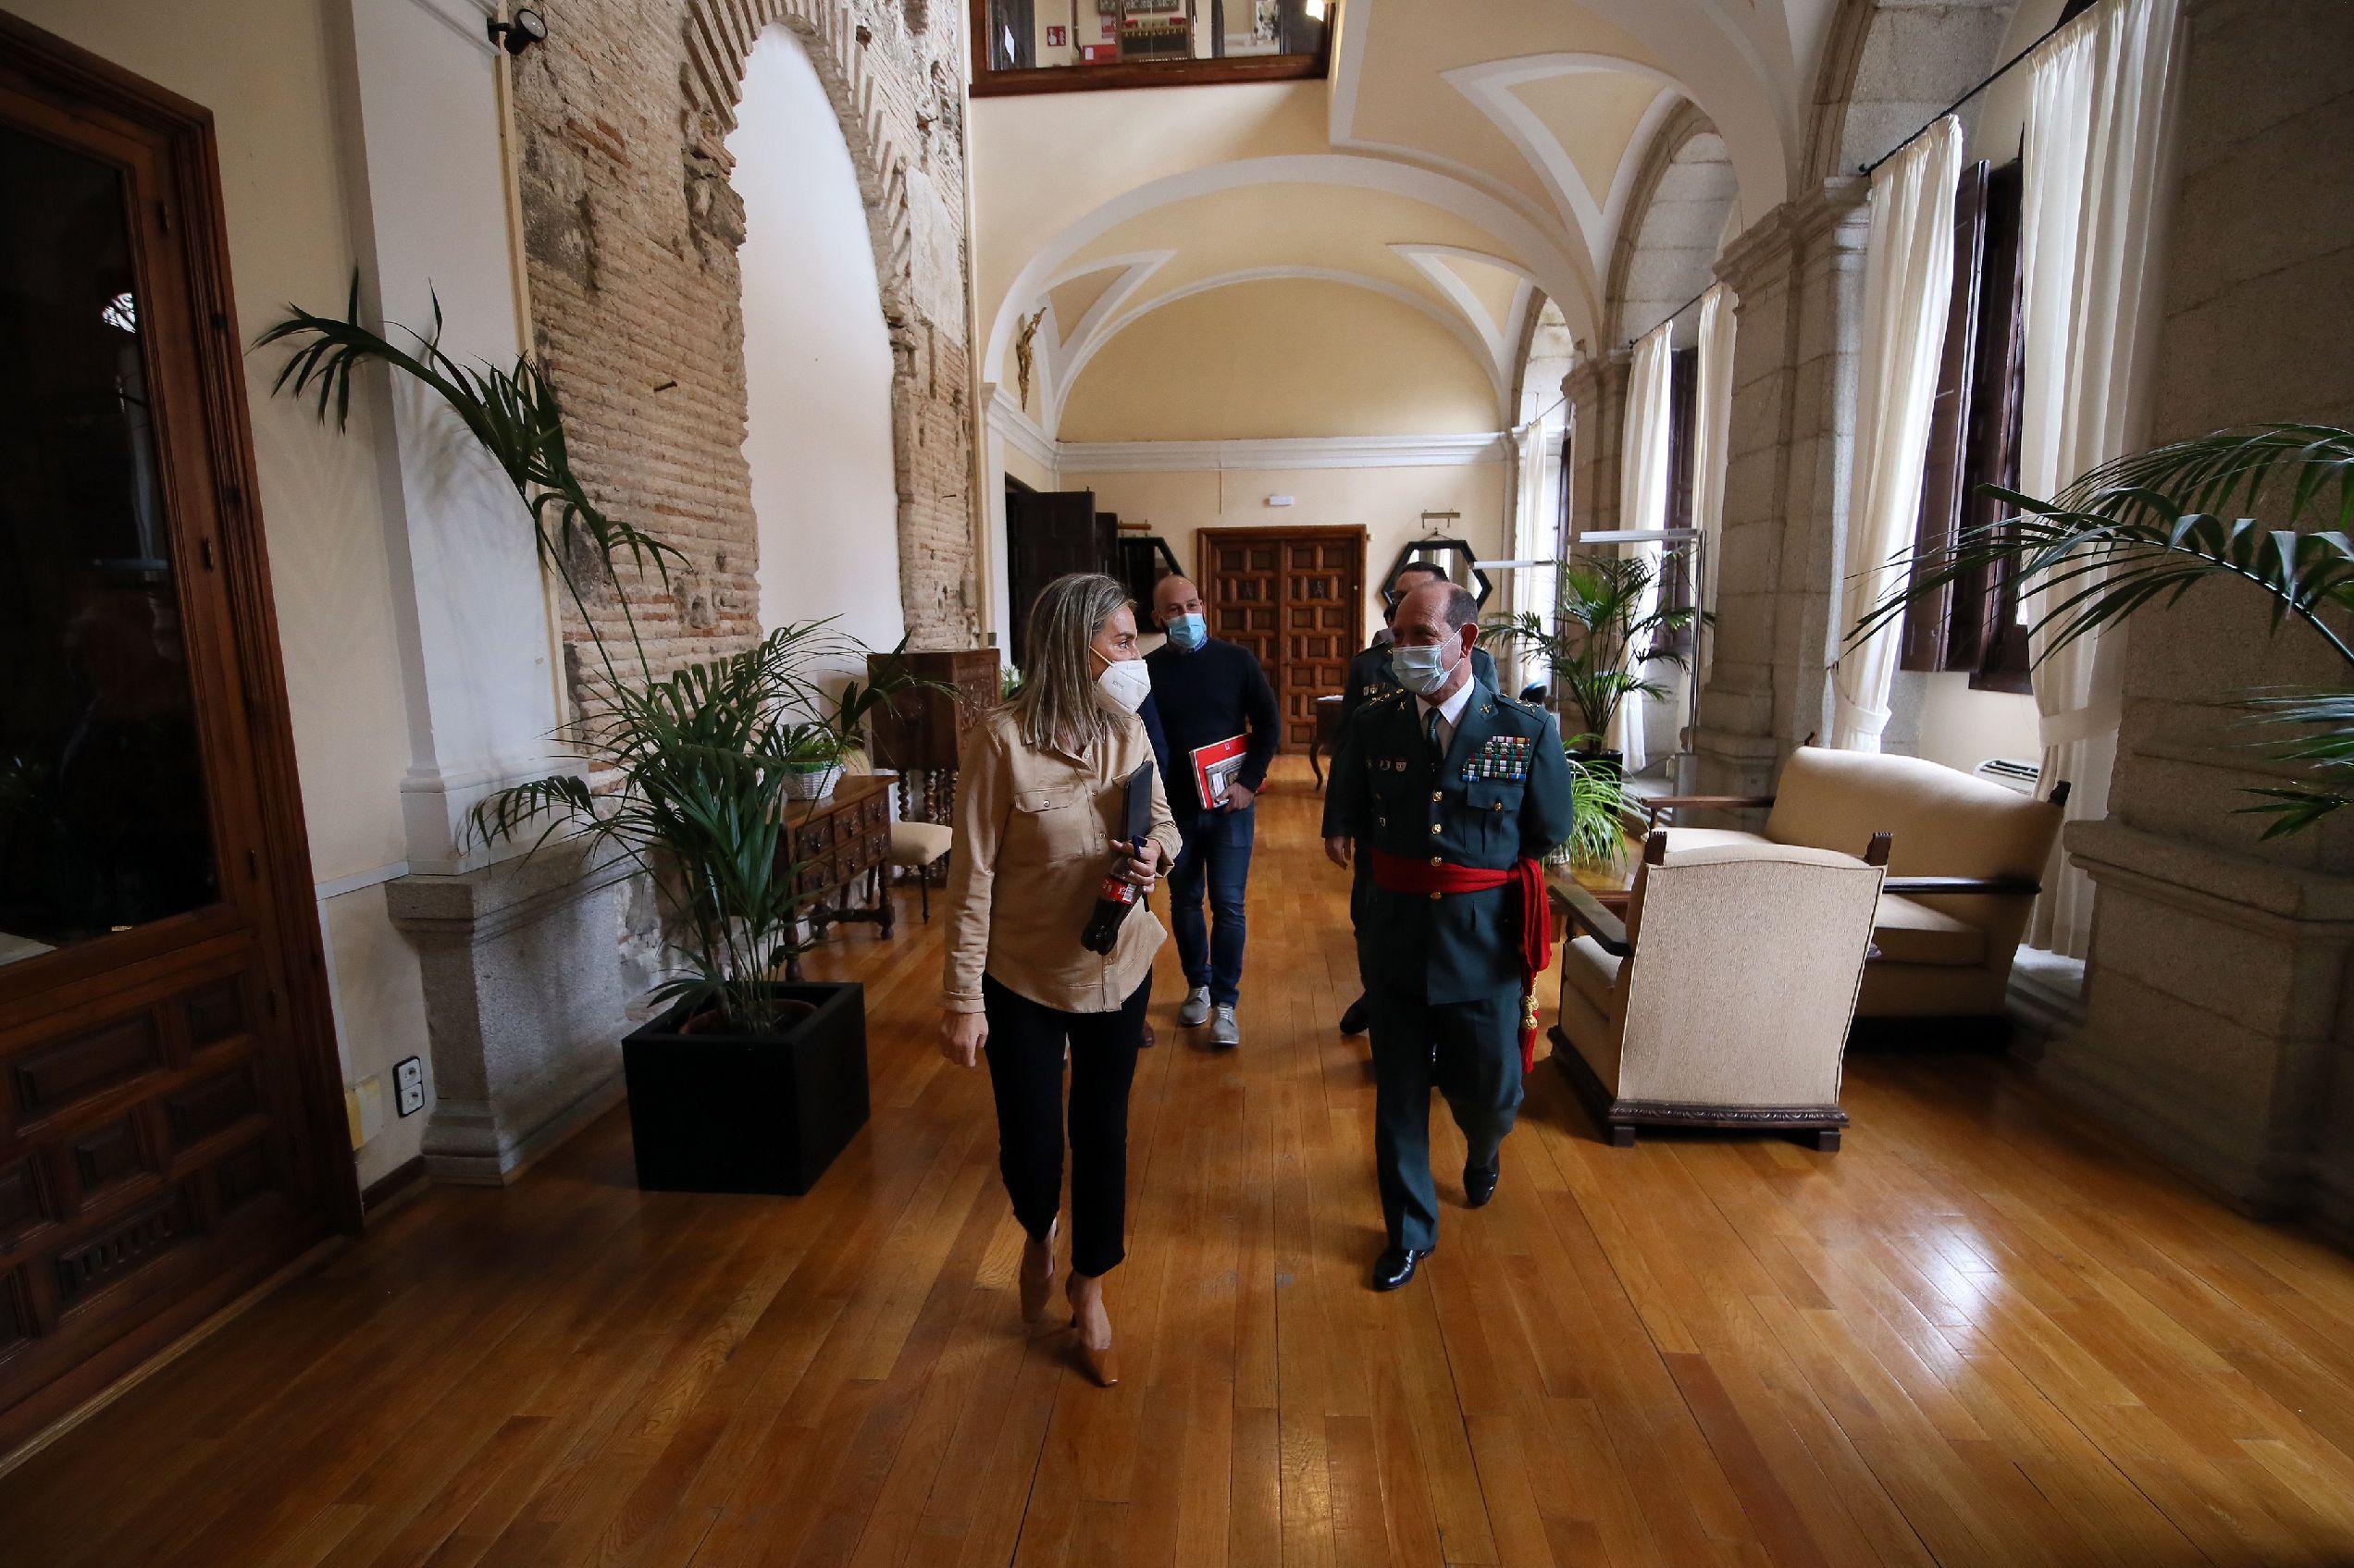 La alcaldesa recibe en el Ayuntamiento al general Francisco Javier Cortés, nuevo jefe de la Guardia Civil en Castilla-La Mancha